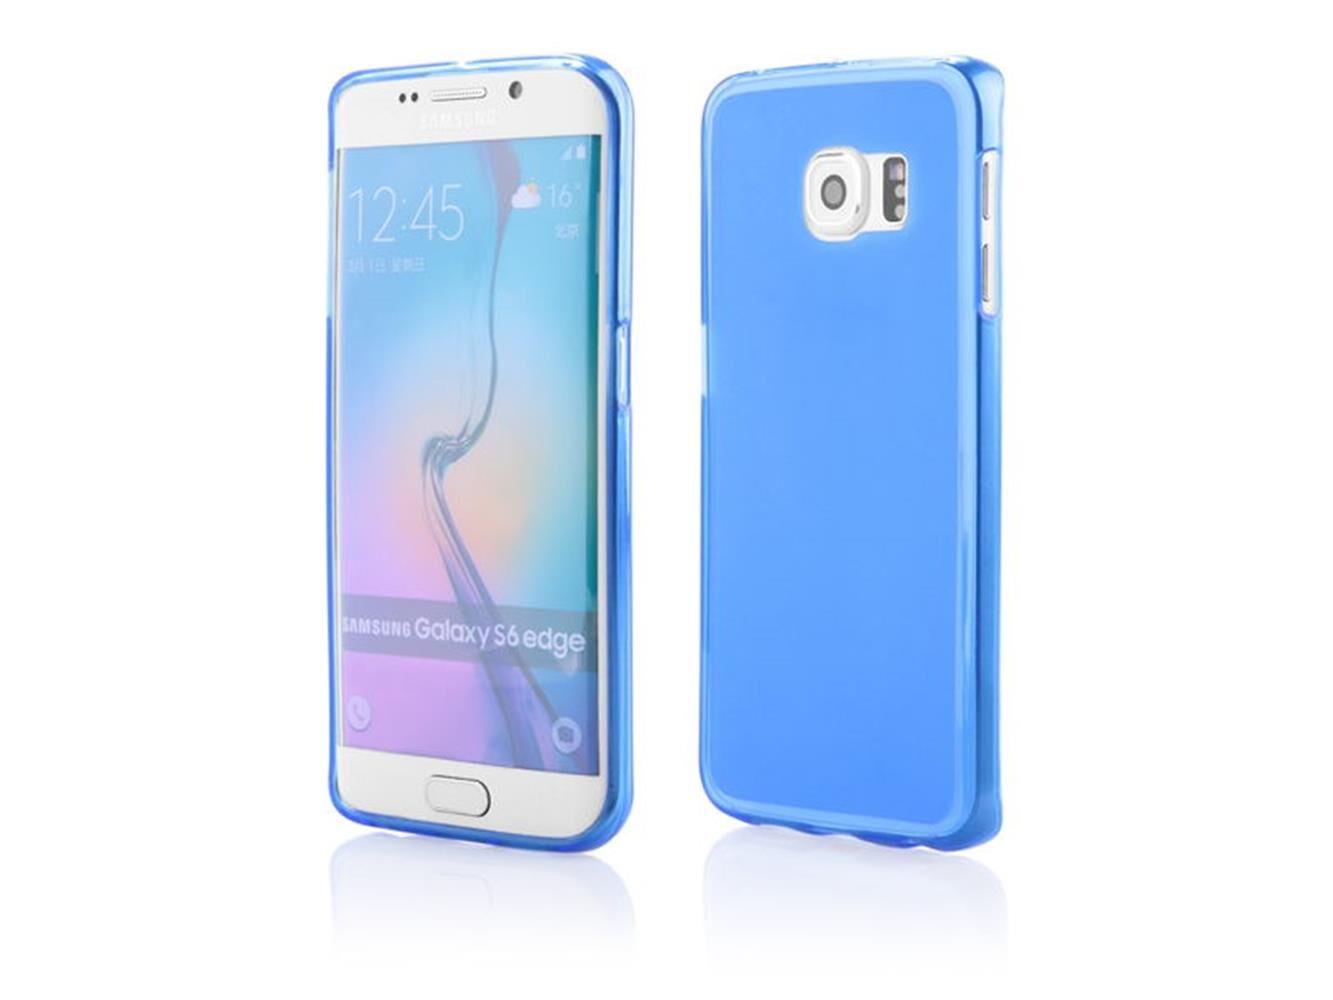 Custodia Cover In Silicone Per Samsung Galaxy S6 Edge - Pellicola In Omaggio